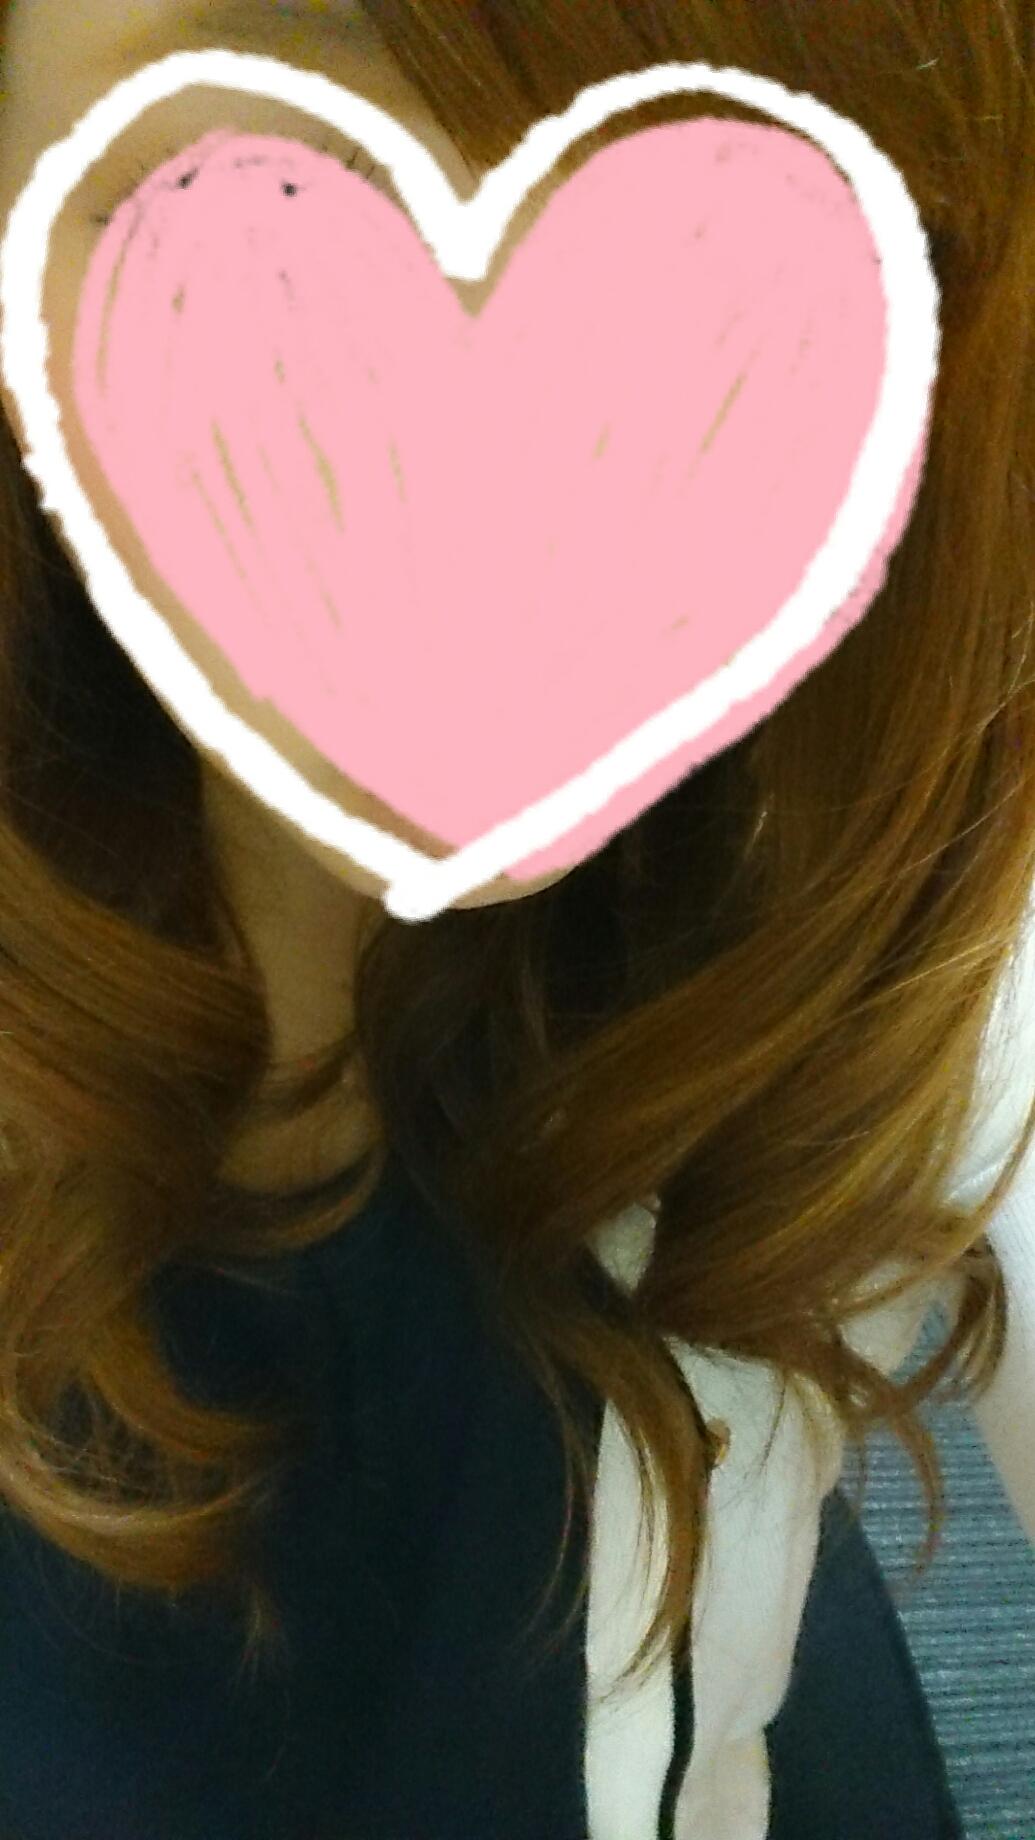 「こんにちわ」01/13(01/13) 00:31 | 沙羅(さら)の写メ・風俗動画